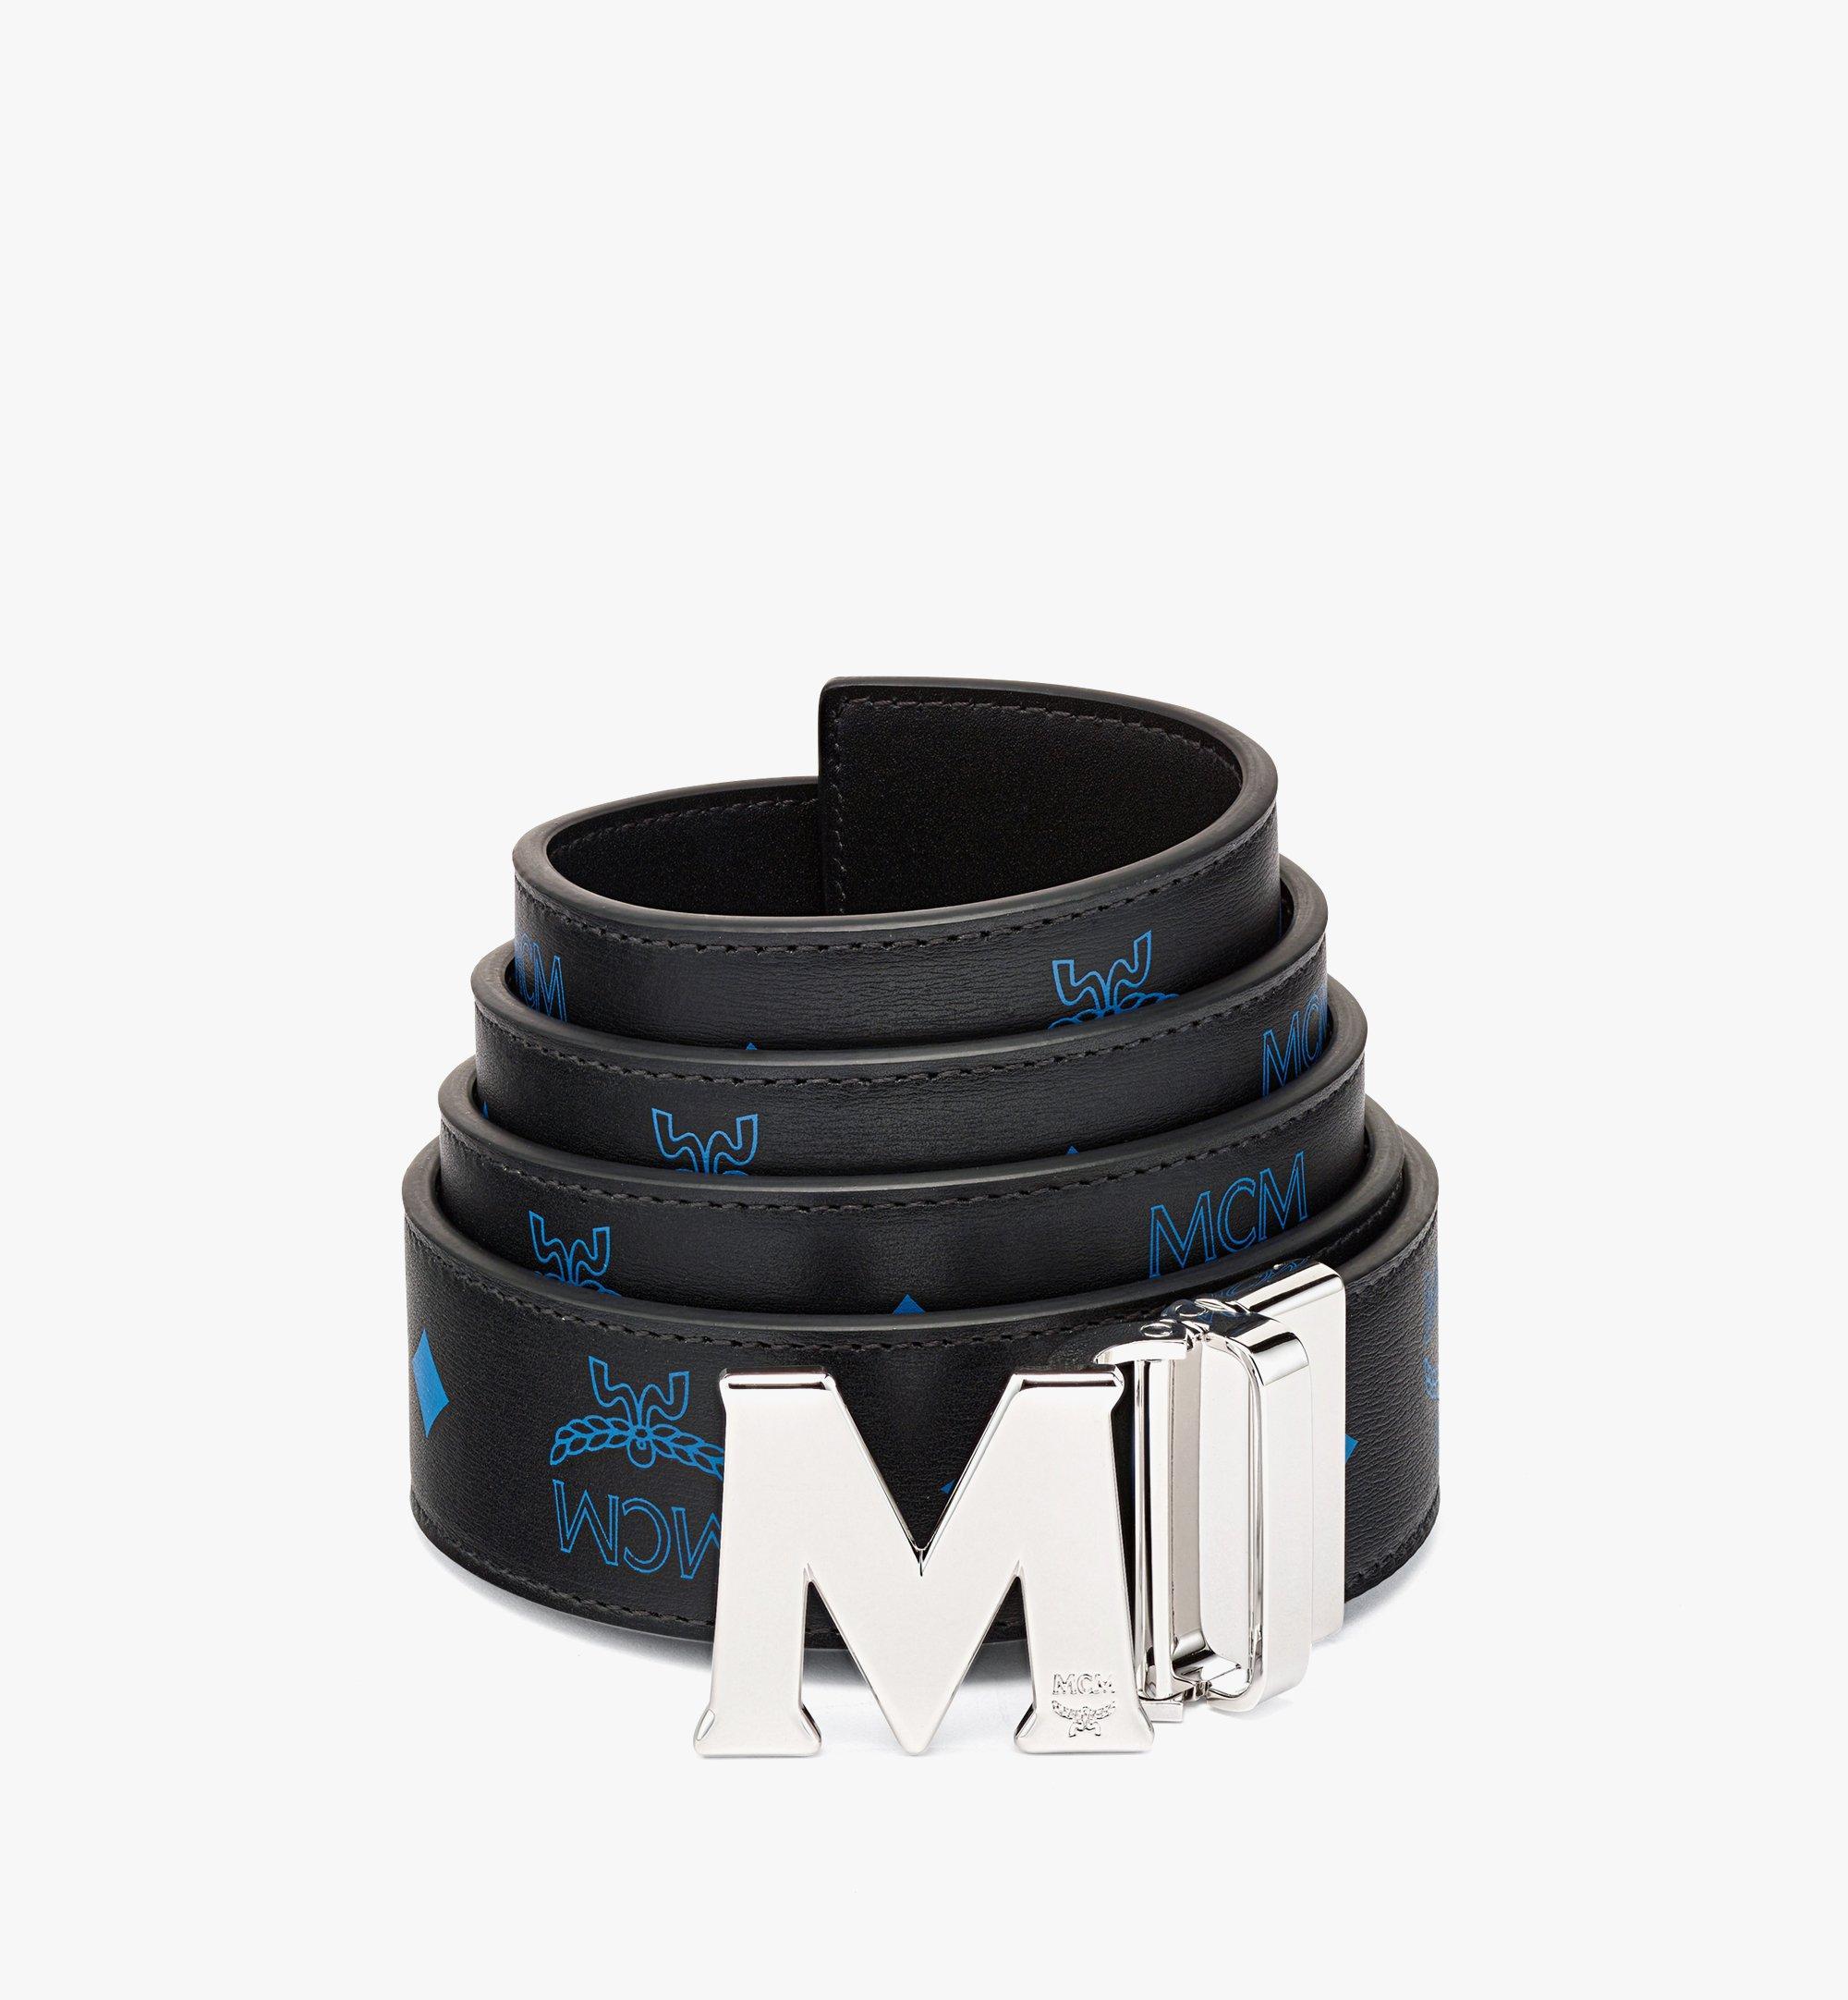 MCM Ceinture réversible Claus M 3,8cm en cuir embossé Blue MXBBAVI14H9001 Plus de photos 1